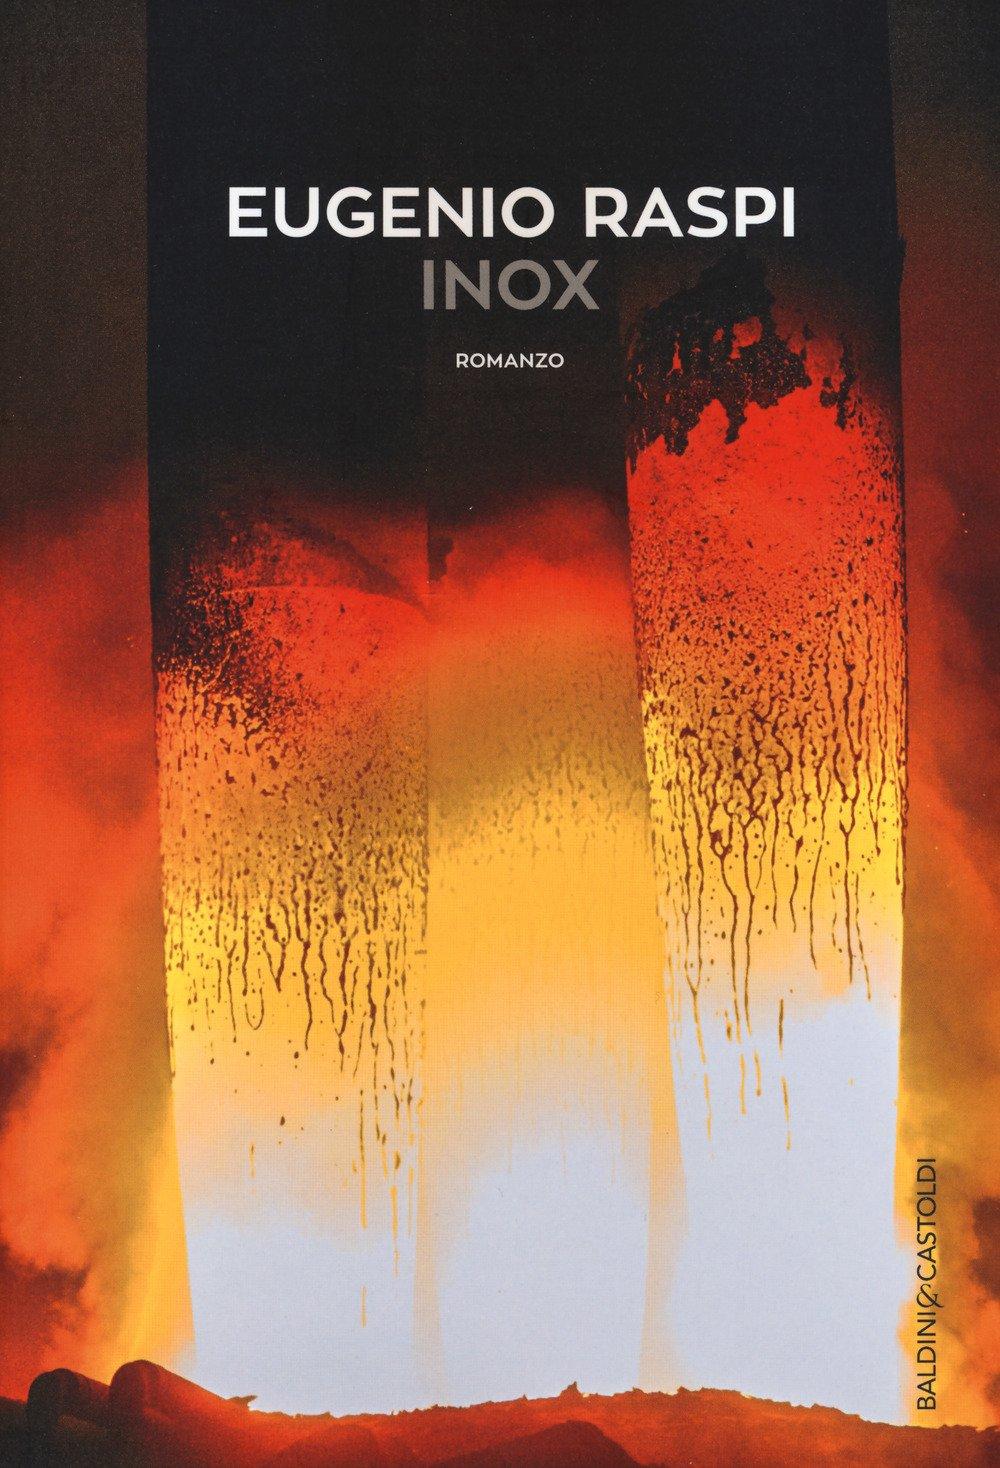 Inox di Eugenio Raspi